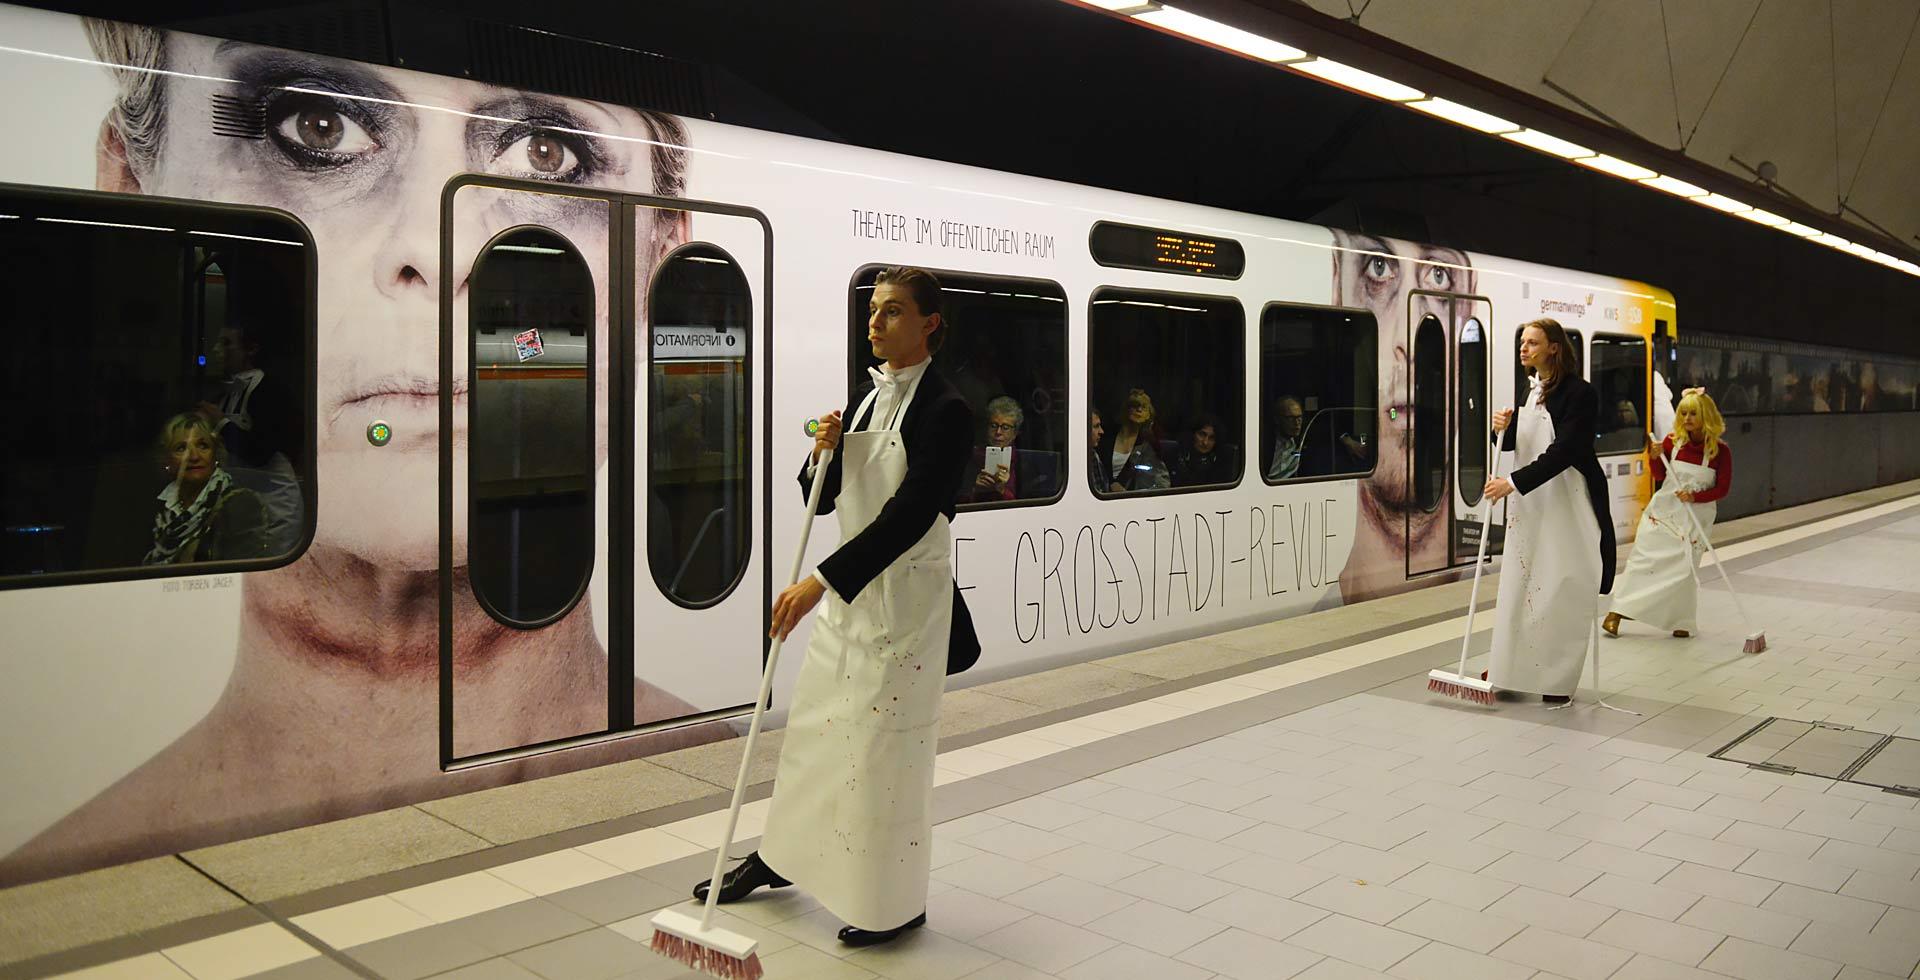 Die Motive zum Theaterstück auf der S-Bahn mit Schauspielern im Vordergrund.